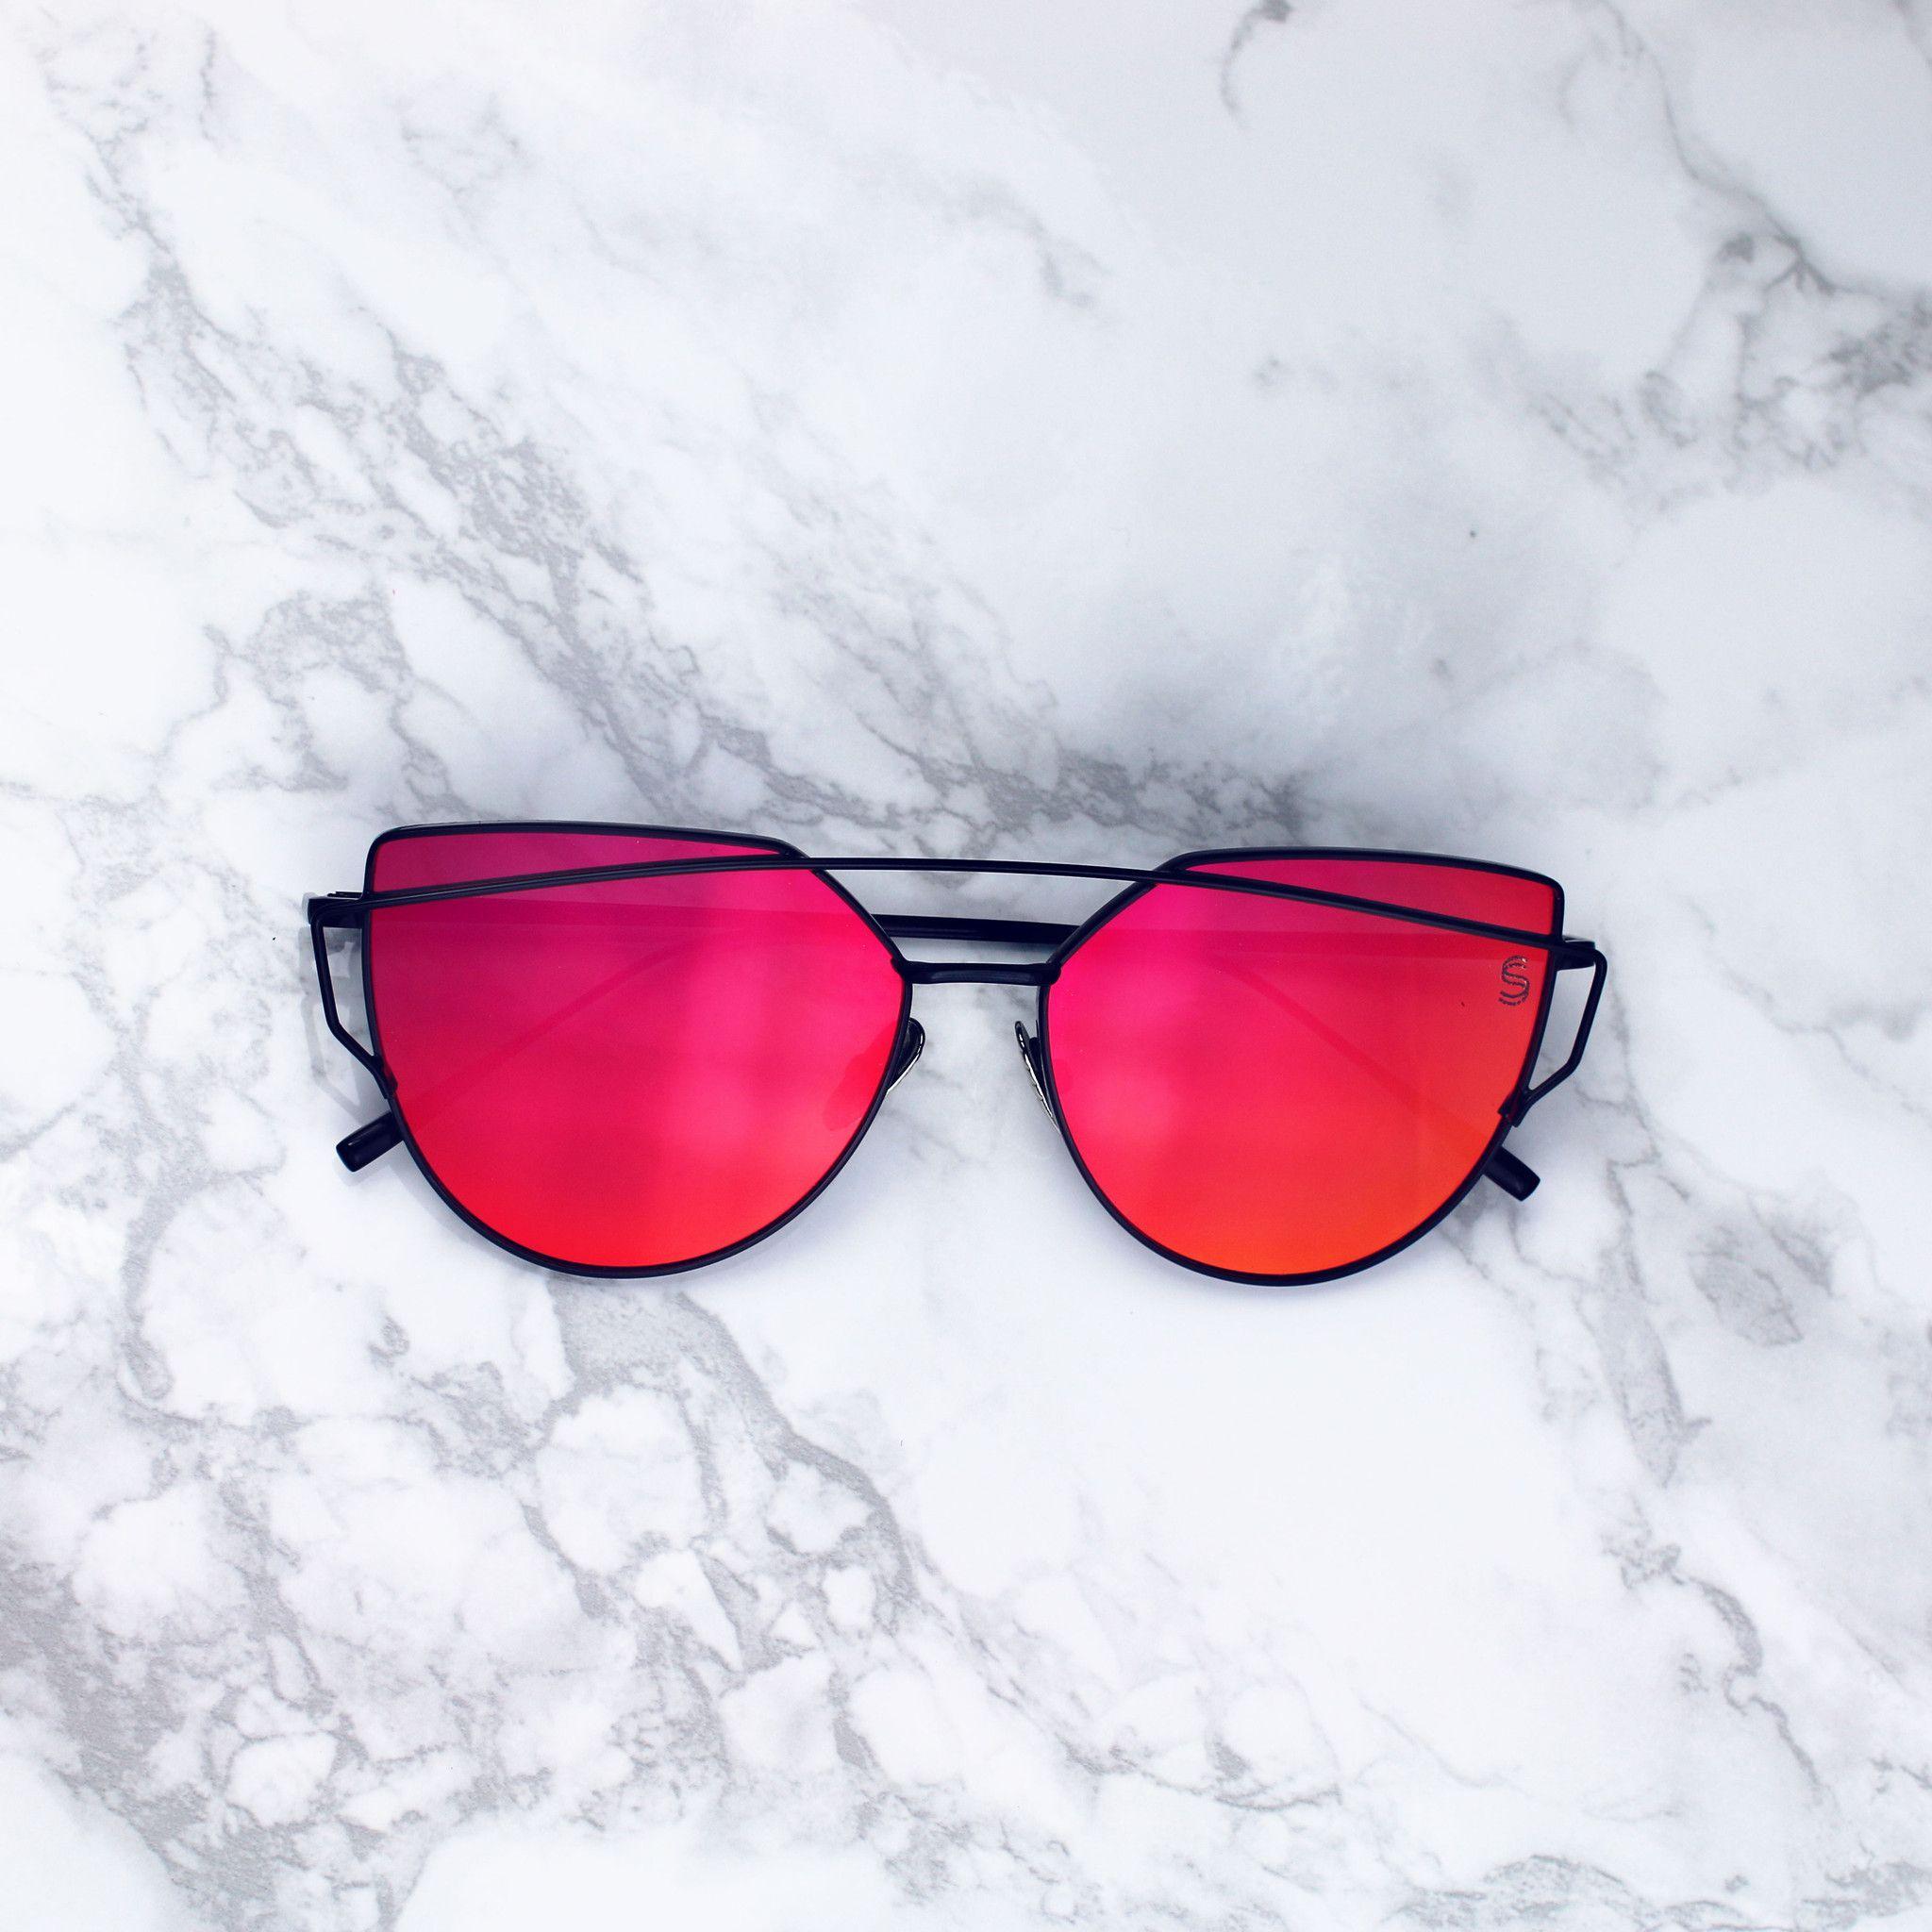 bf4e2b0f50b UV 400 - Metal Frames - Polycarbonate Mirror Lens Red mirrored lenses